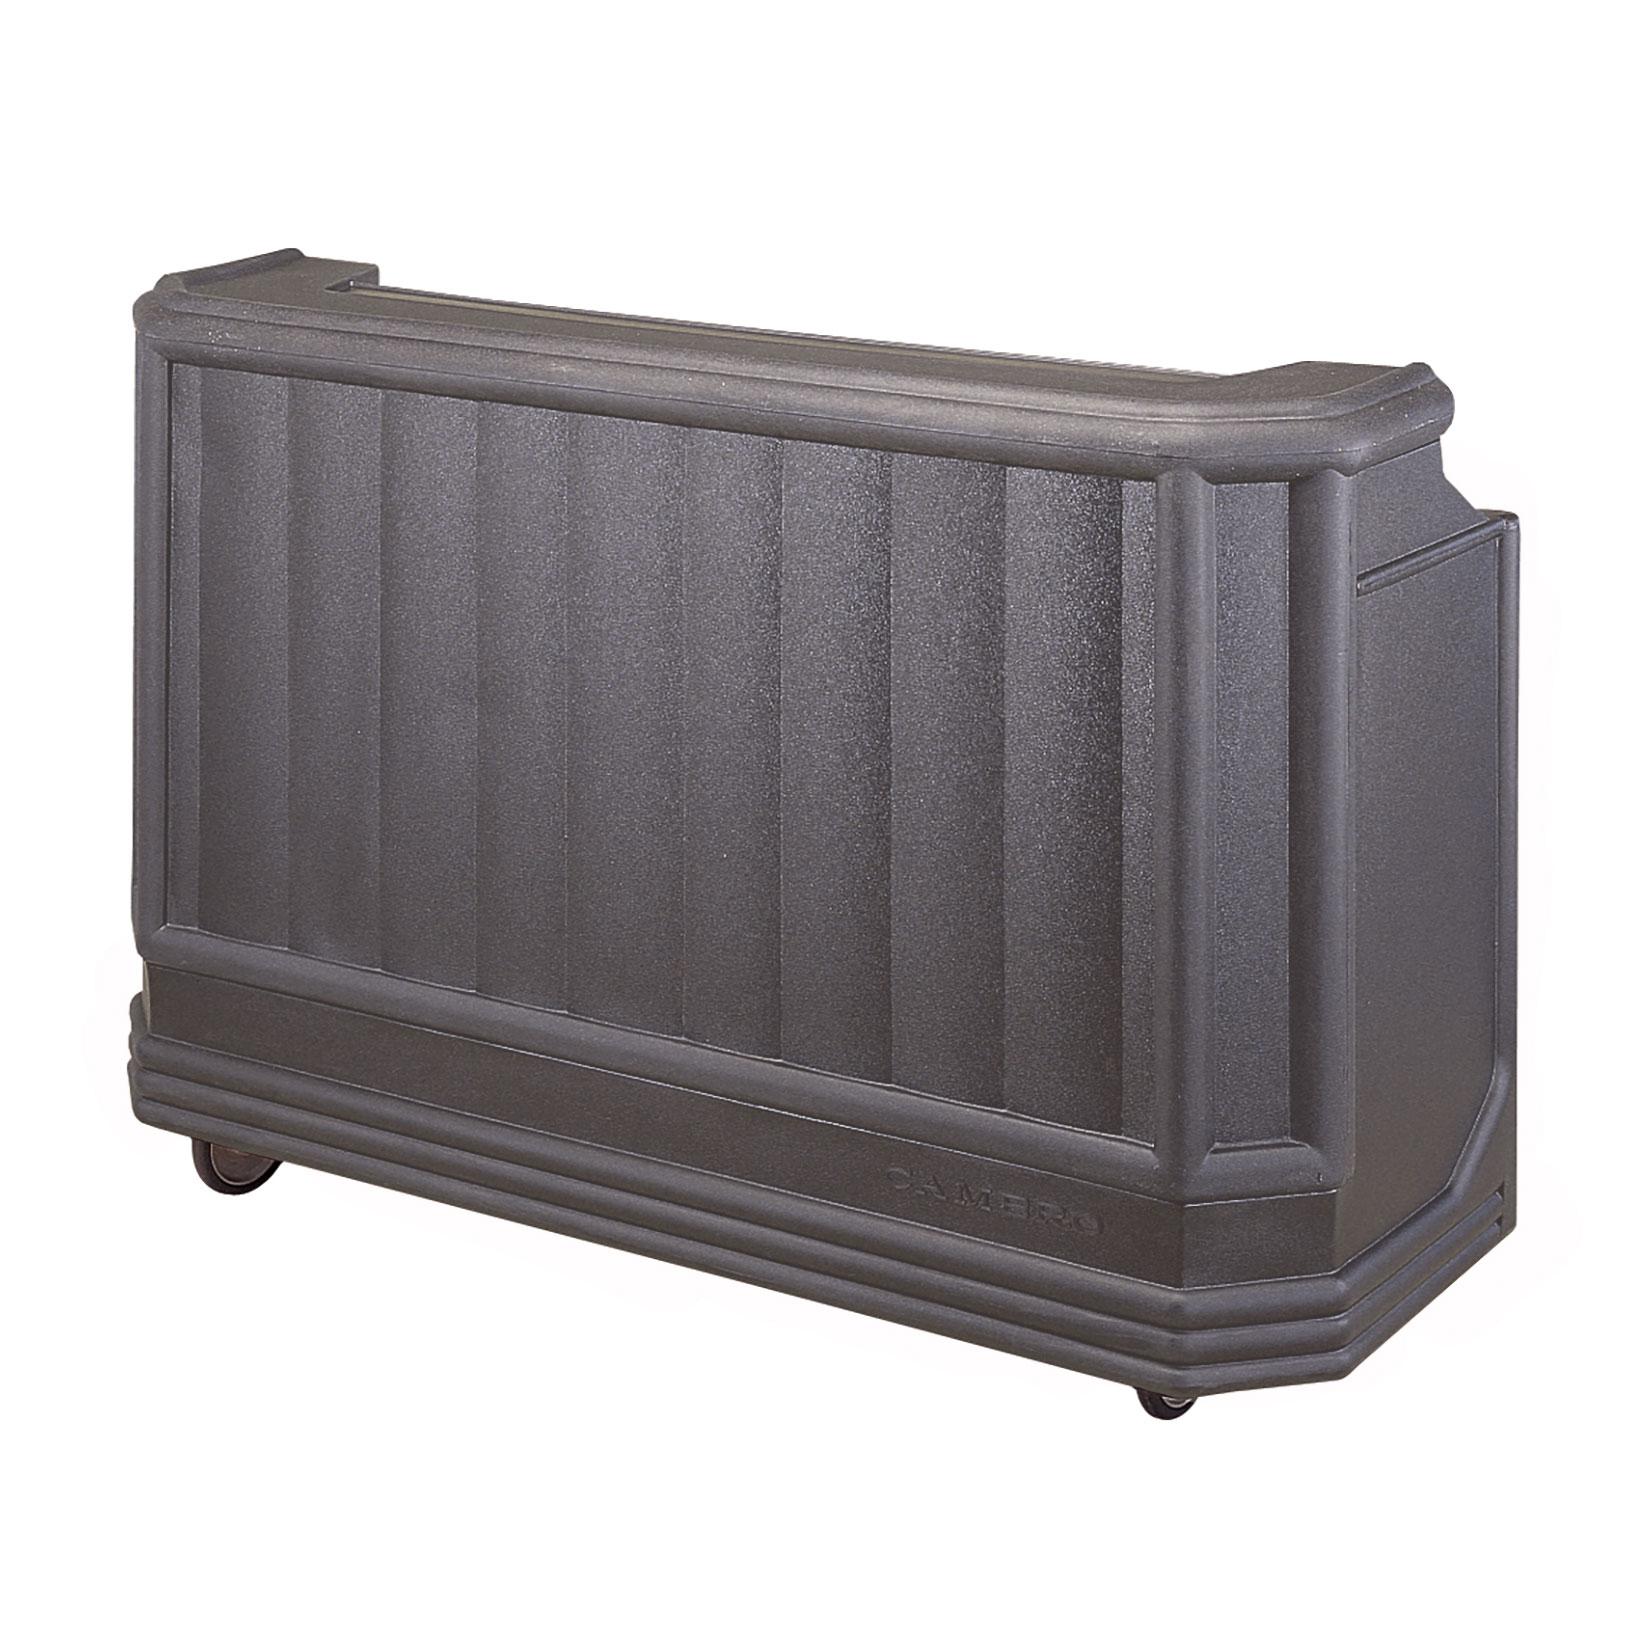 Cambro BAR730CP191 portable bars